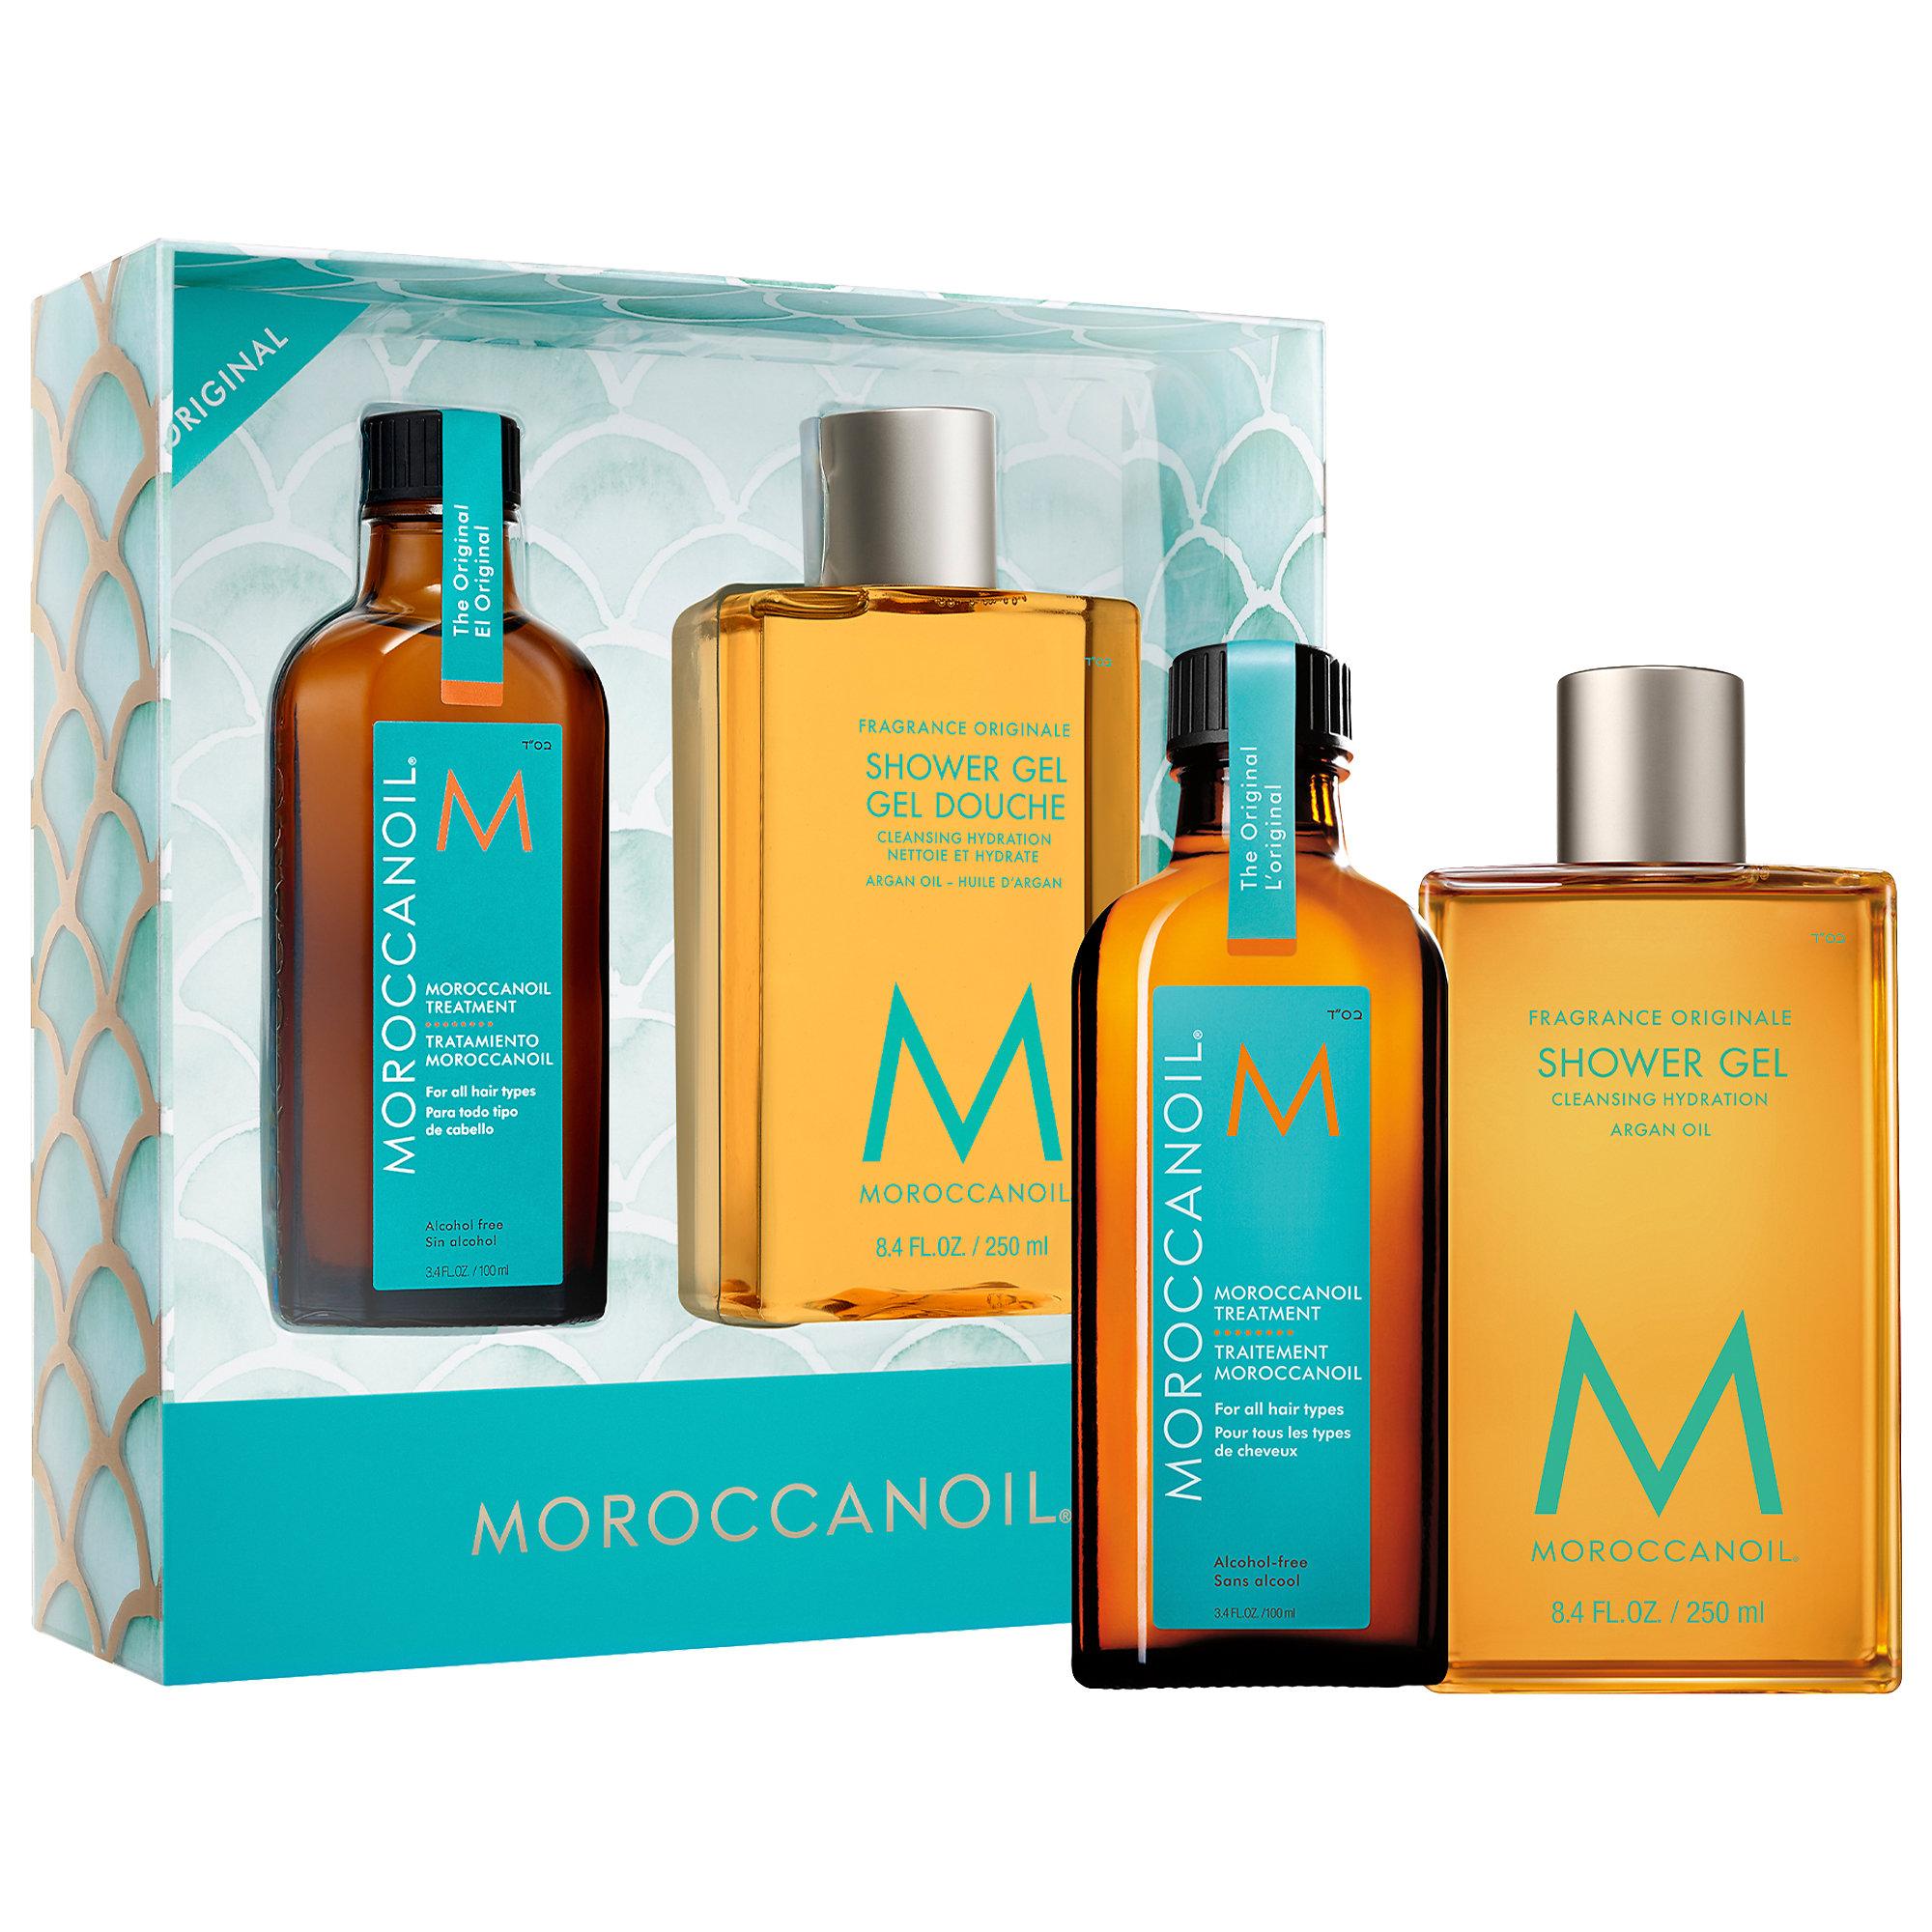 Moroccanoil Everyday Escape Original